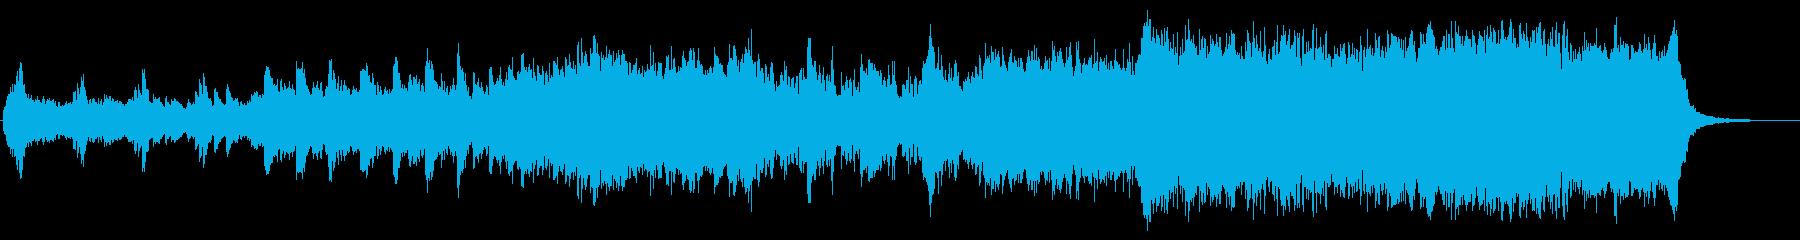 クラシック 交響曲 モダン 室内楽...の再生済みの波形